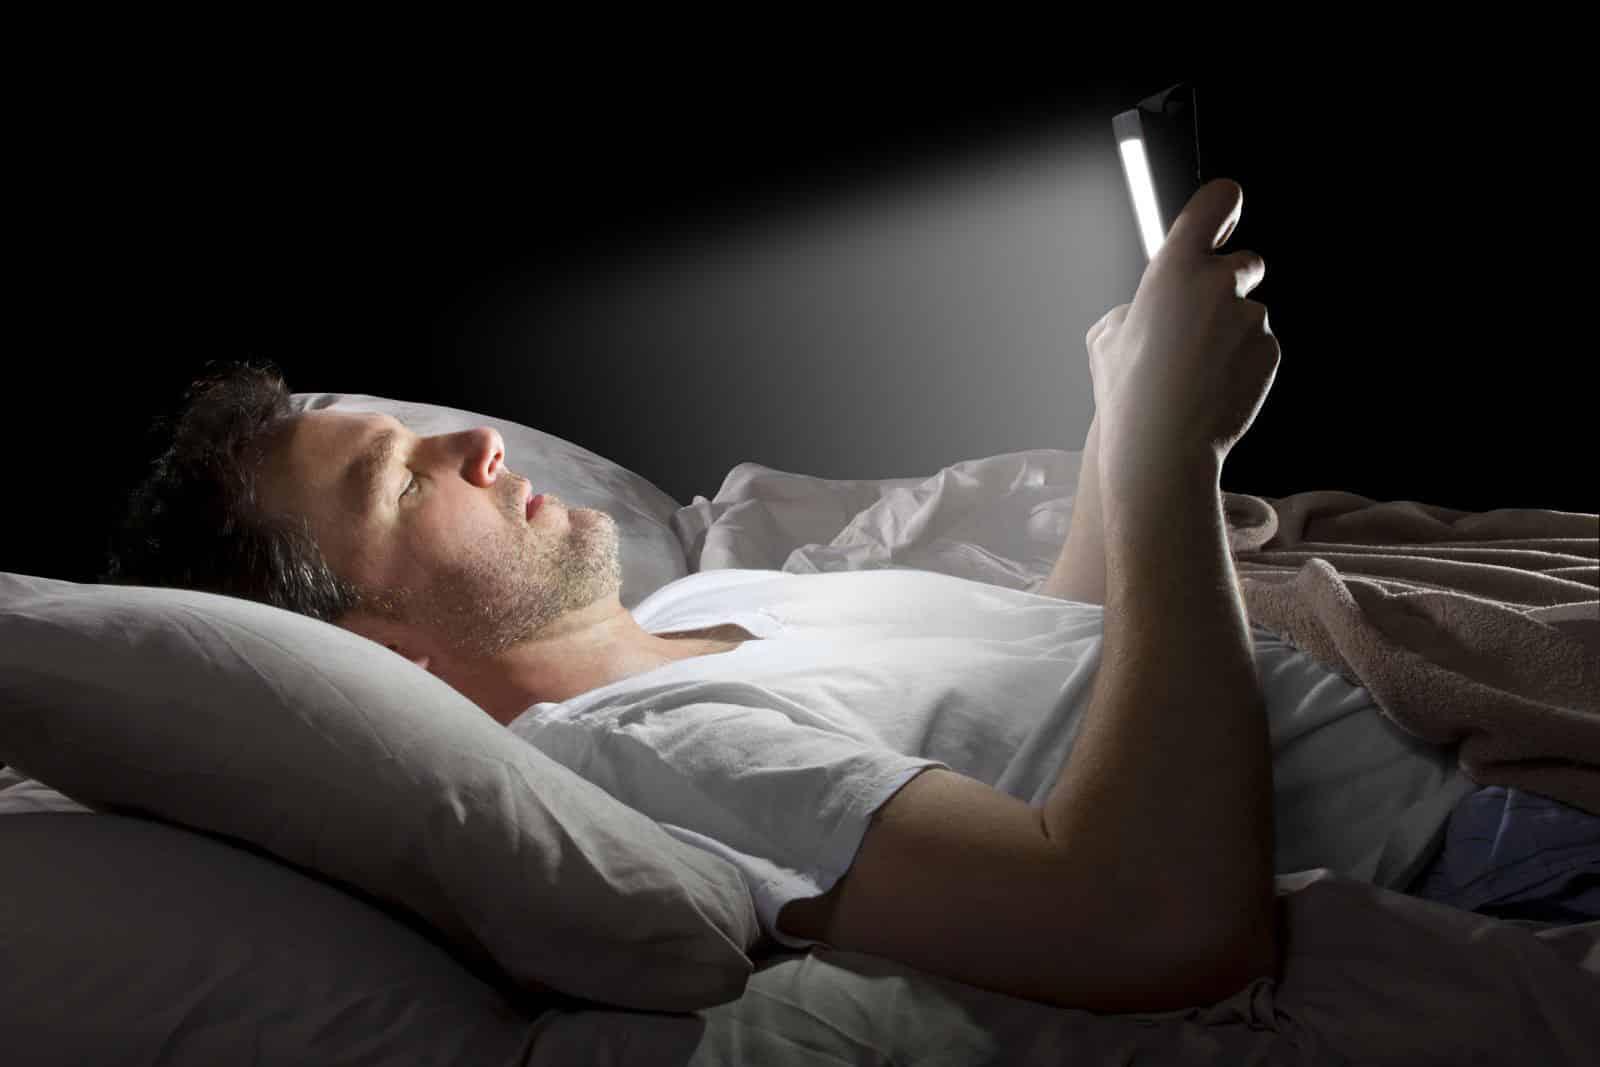 تصویر از استفاده موبایل در تاریکی ممنوع